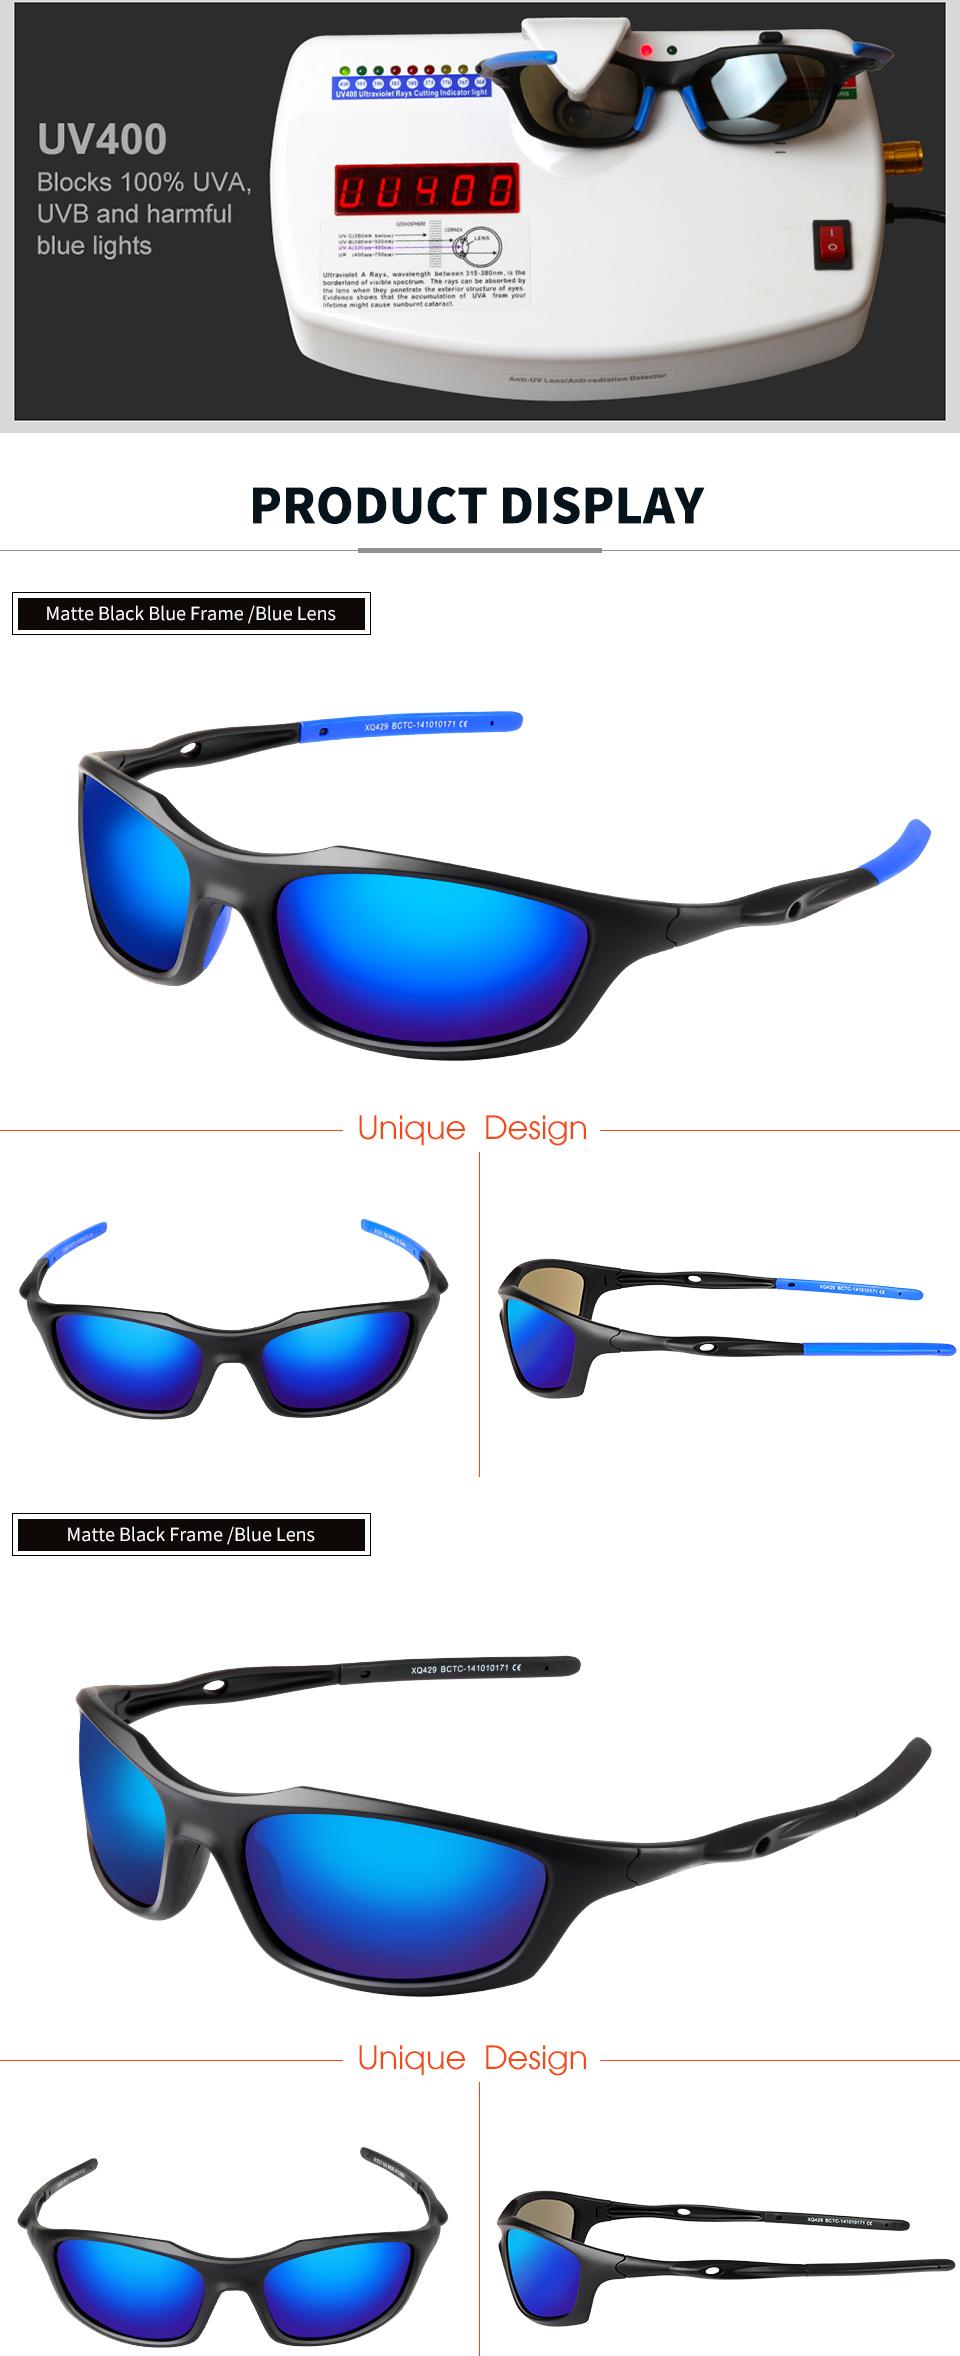 6d2adfd6f7f818 TR90Unbreakable Frame HODGSON altijd wandelingen in de voorhoede van de  wereld van studeren hightech zonnebril frame en lenzen materialen. deze  zonnebrillen ...